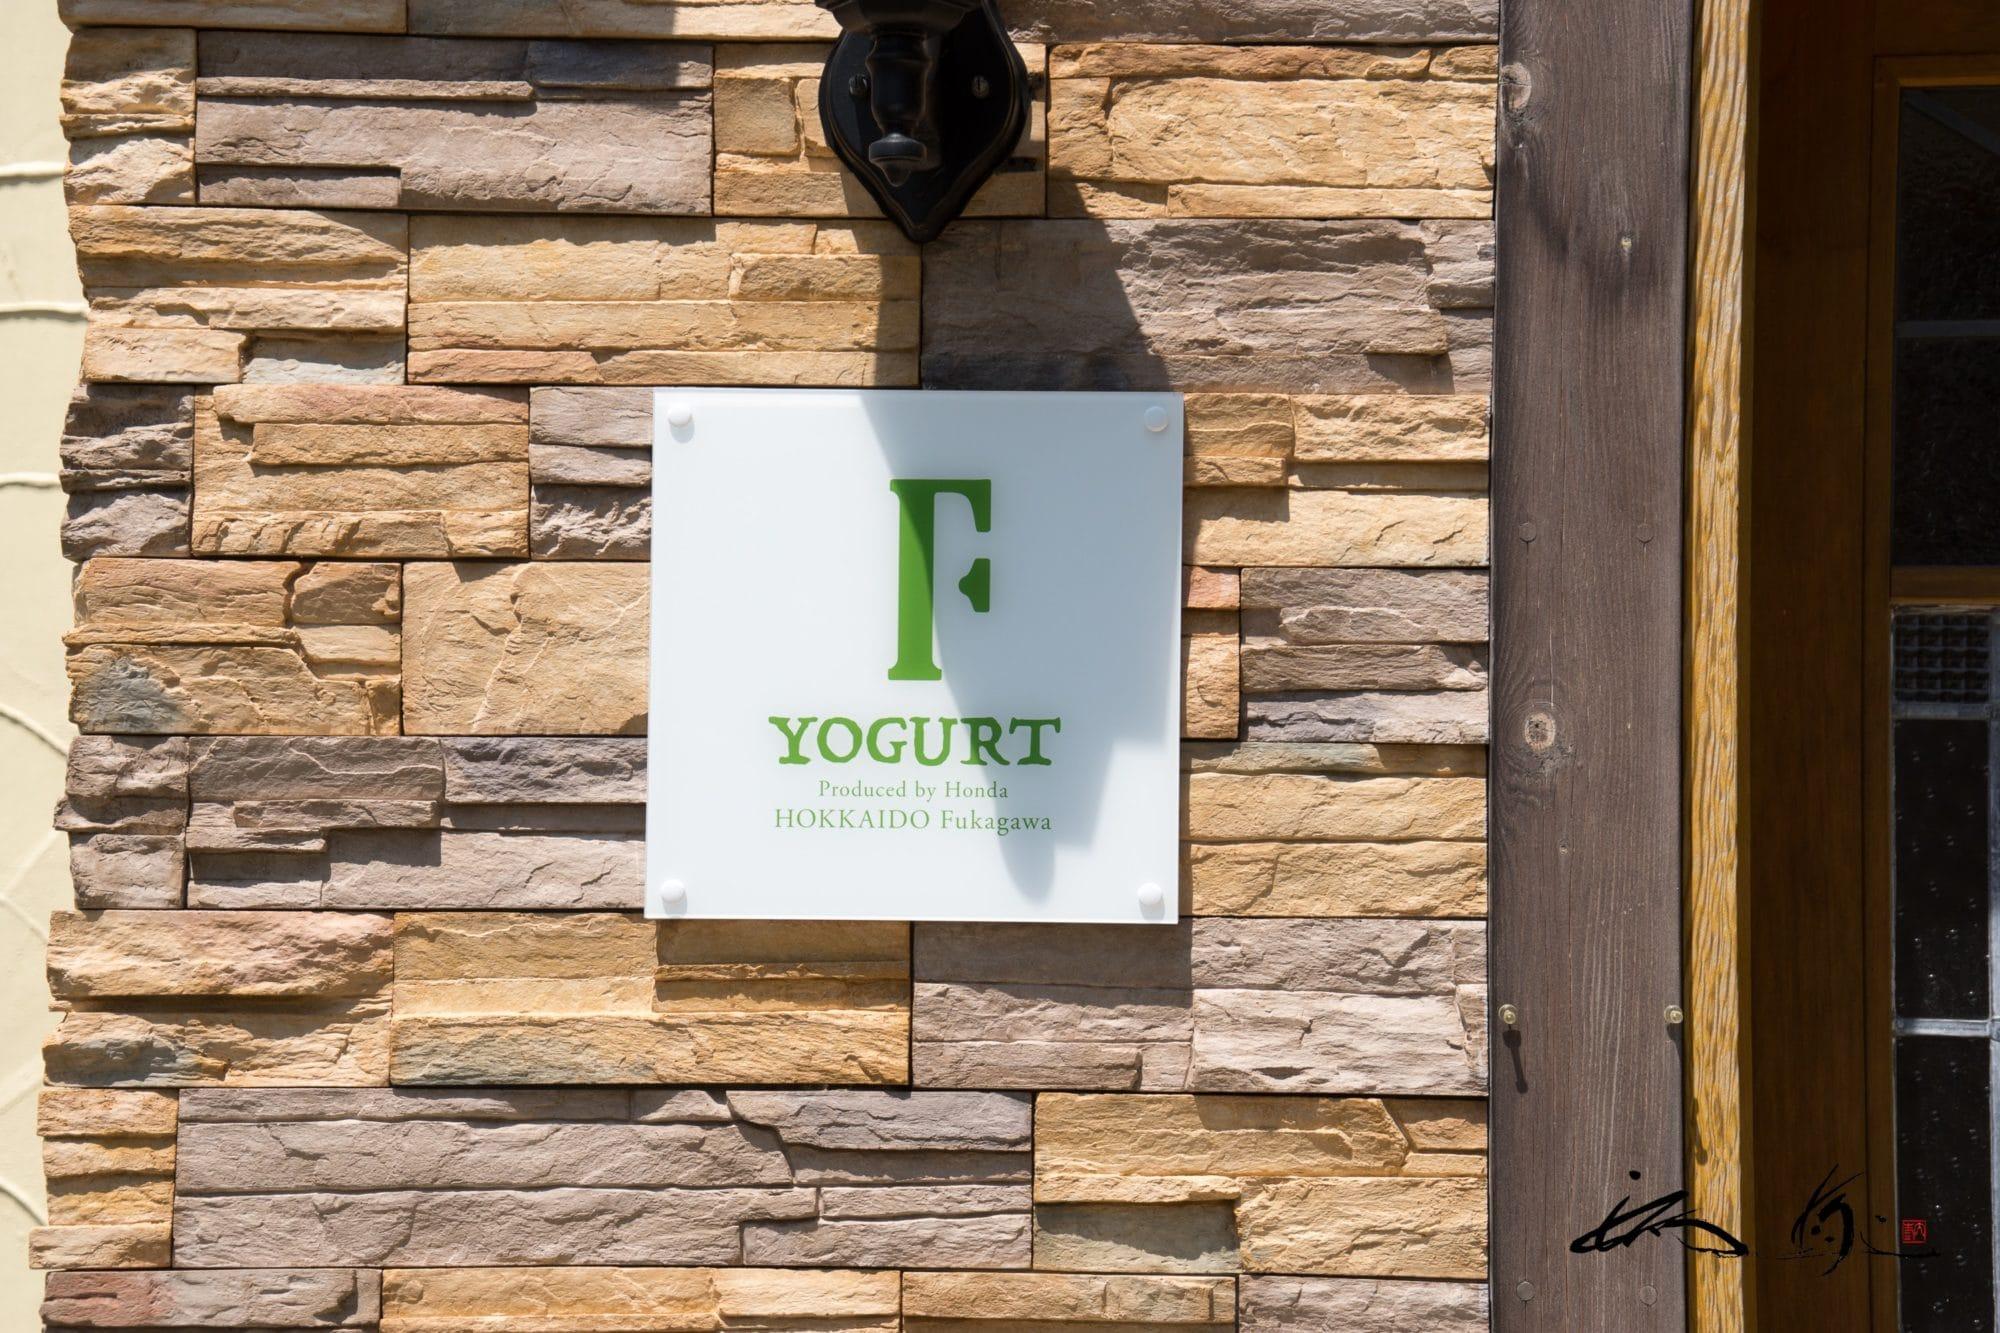 ギリシャヨーグルト専門店・エフ(F YOGURT・深川市)で心癒されるひととき